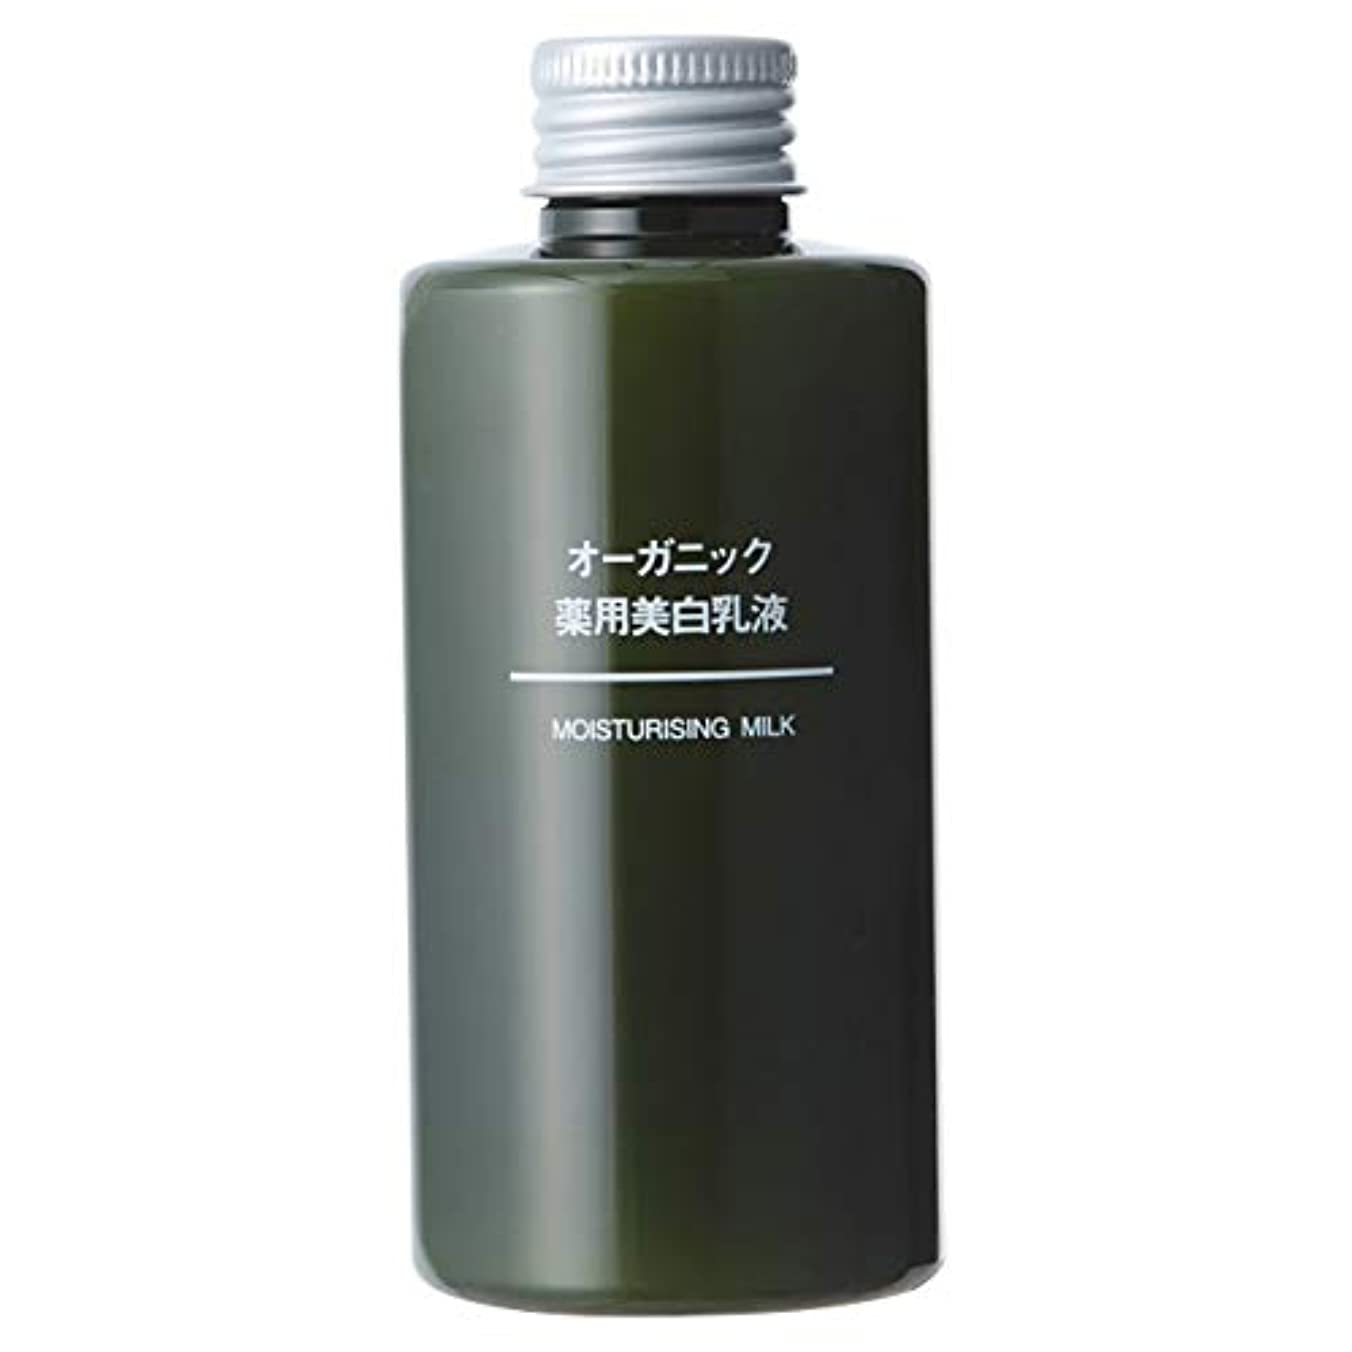 たらいキャンペーンメリー無印良品 オーガニック薬用美白乳液 (新)150ml